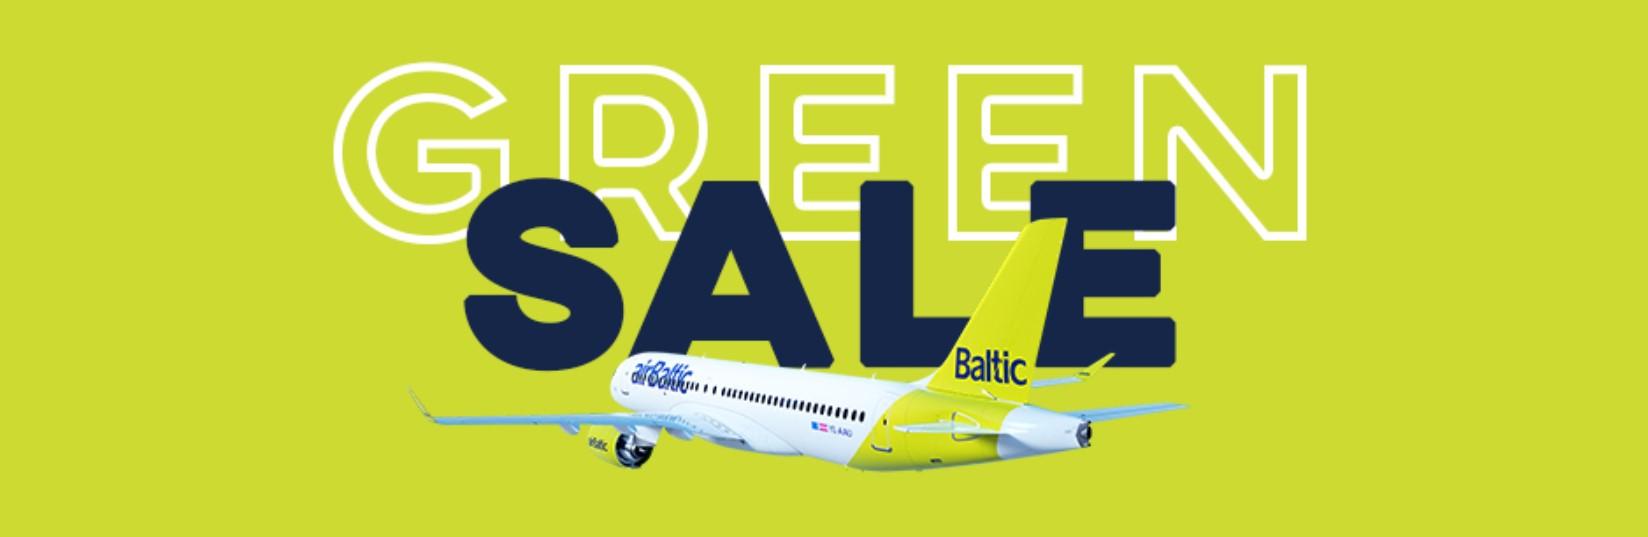 Бонусные баллы и скидки airBaltic